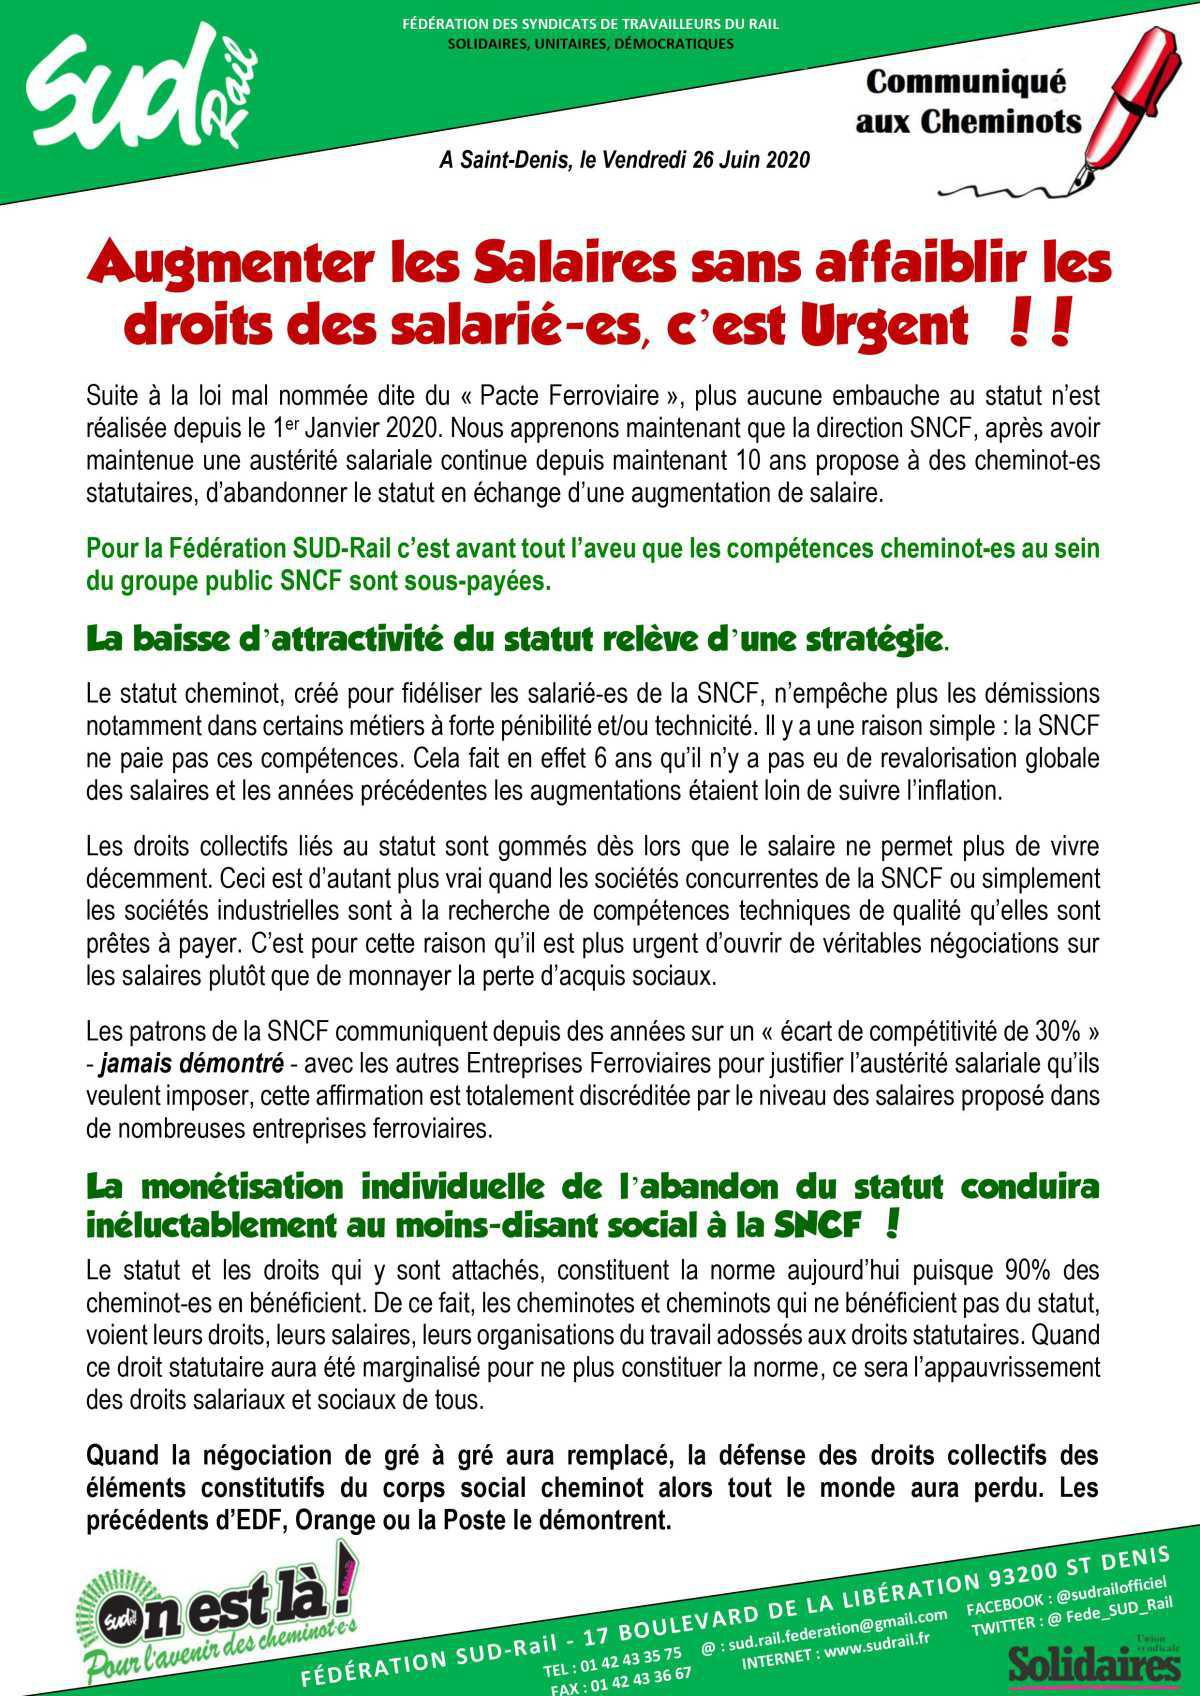 Augmenter les salaires sans affaiblir les droits des salariés, c'est Urgent !!